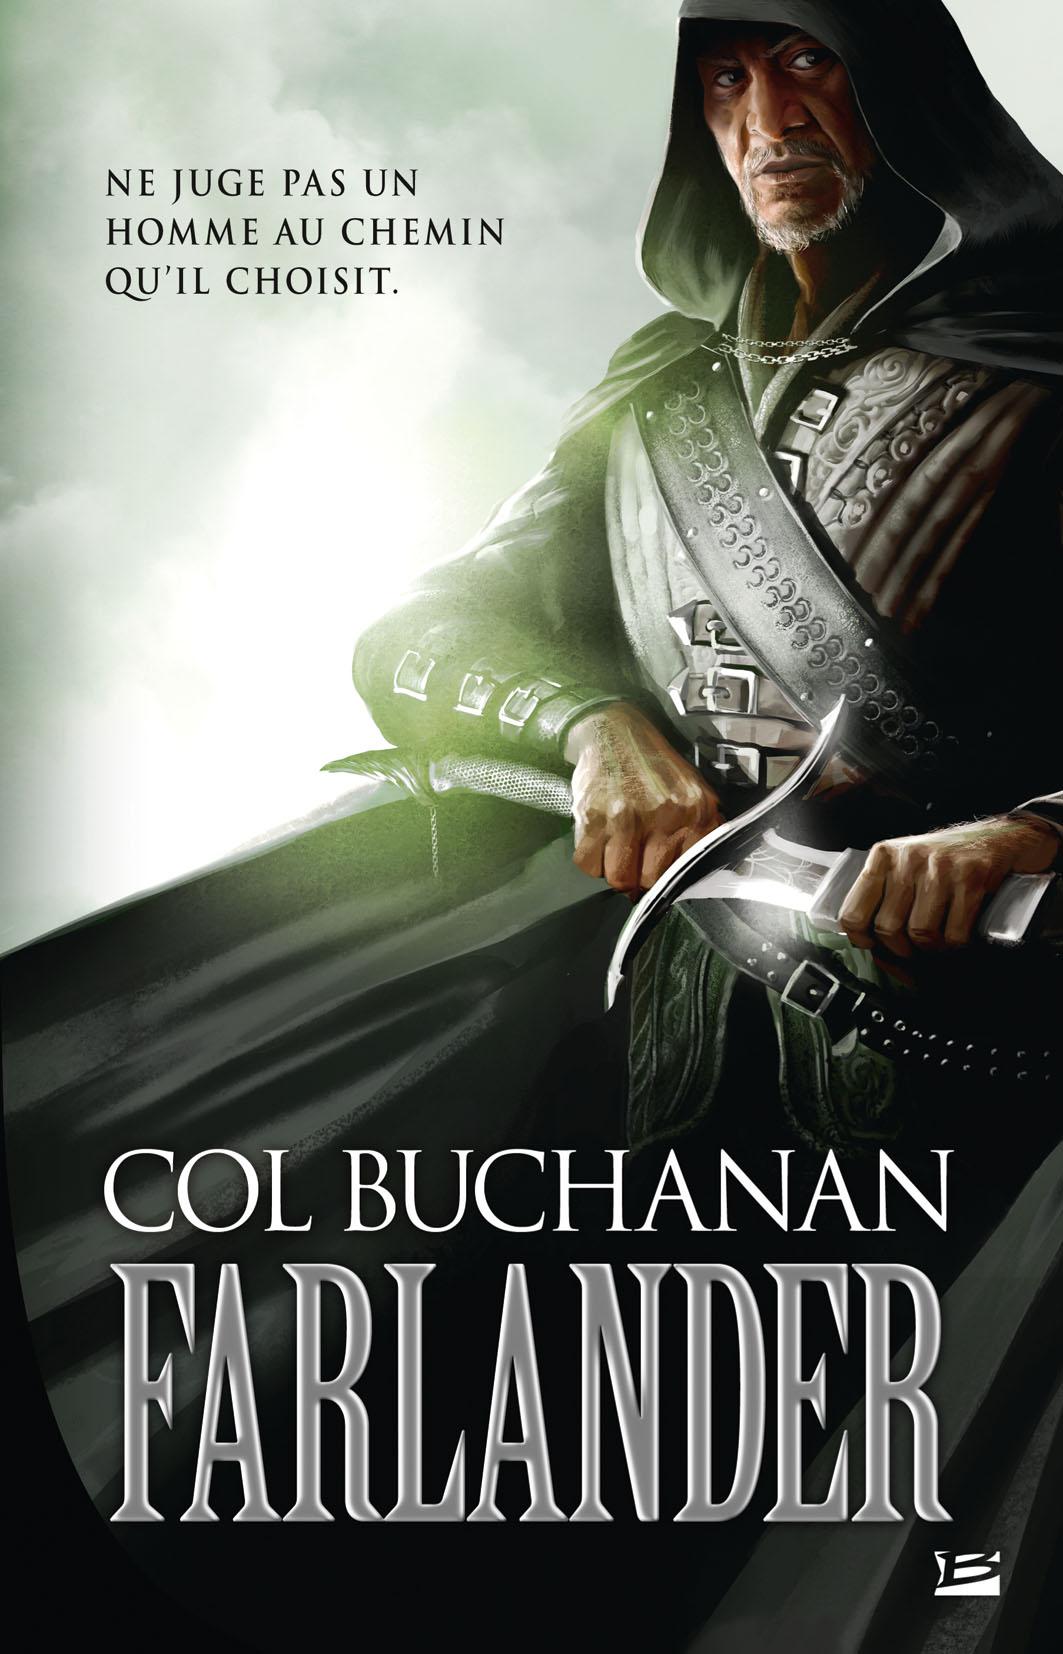 http://www.elbakin.net/fantasy/modules/public/images/livres/livre-farlander-797-1.jpg